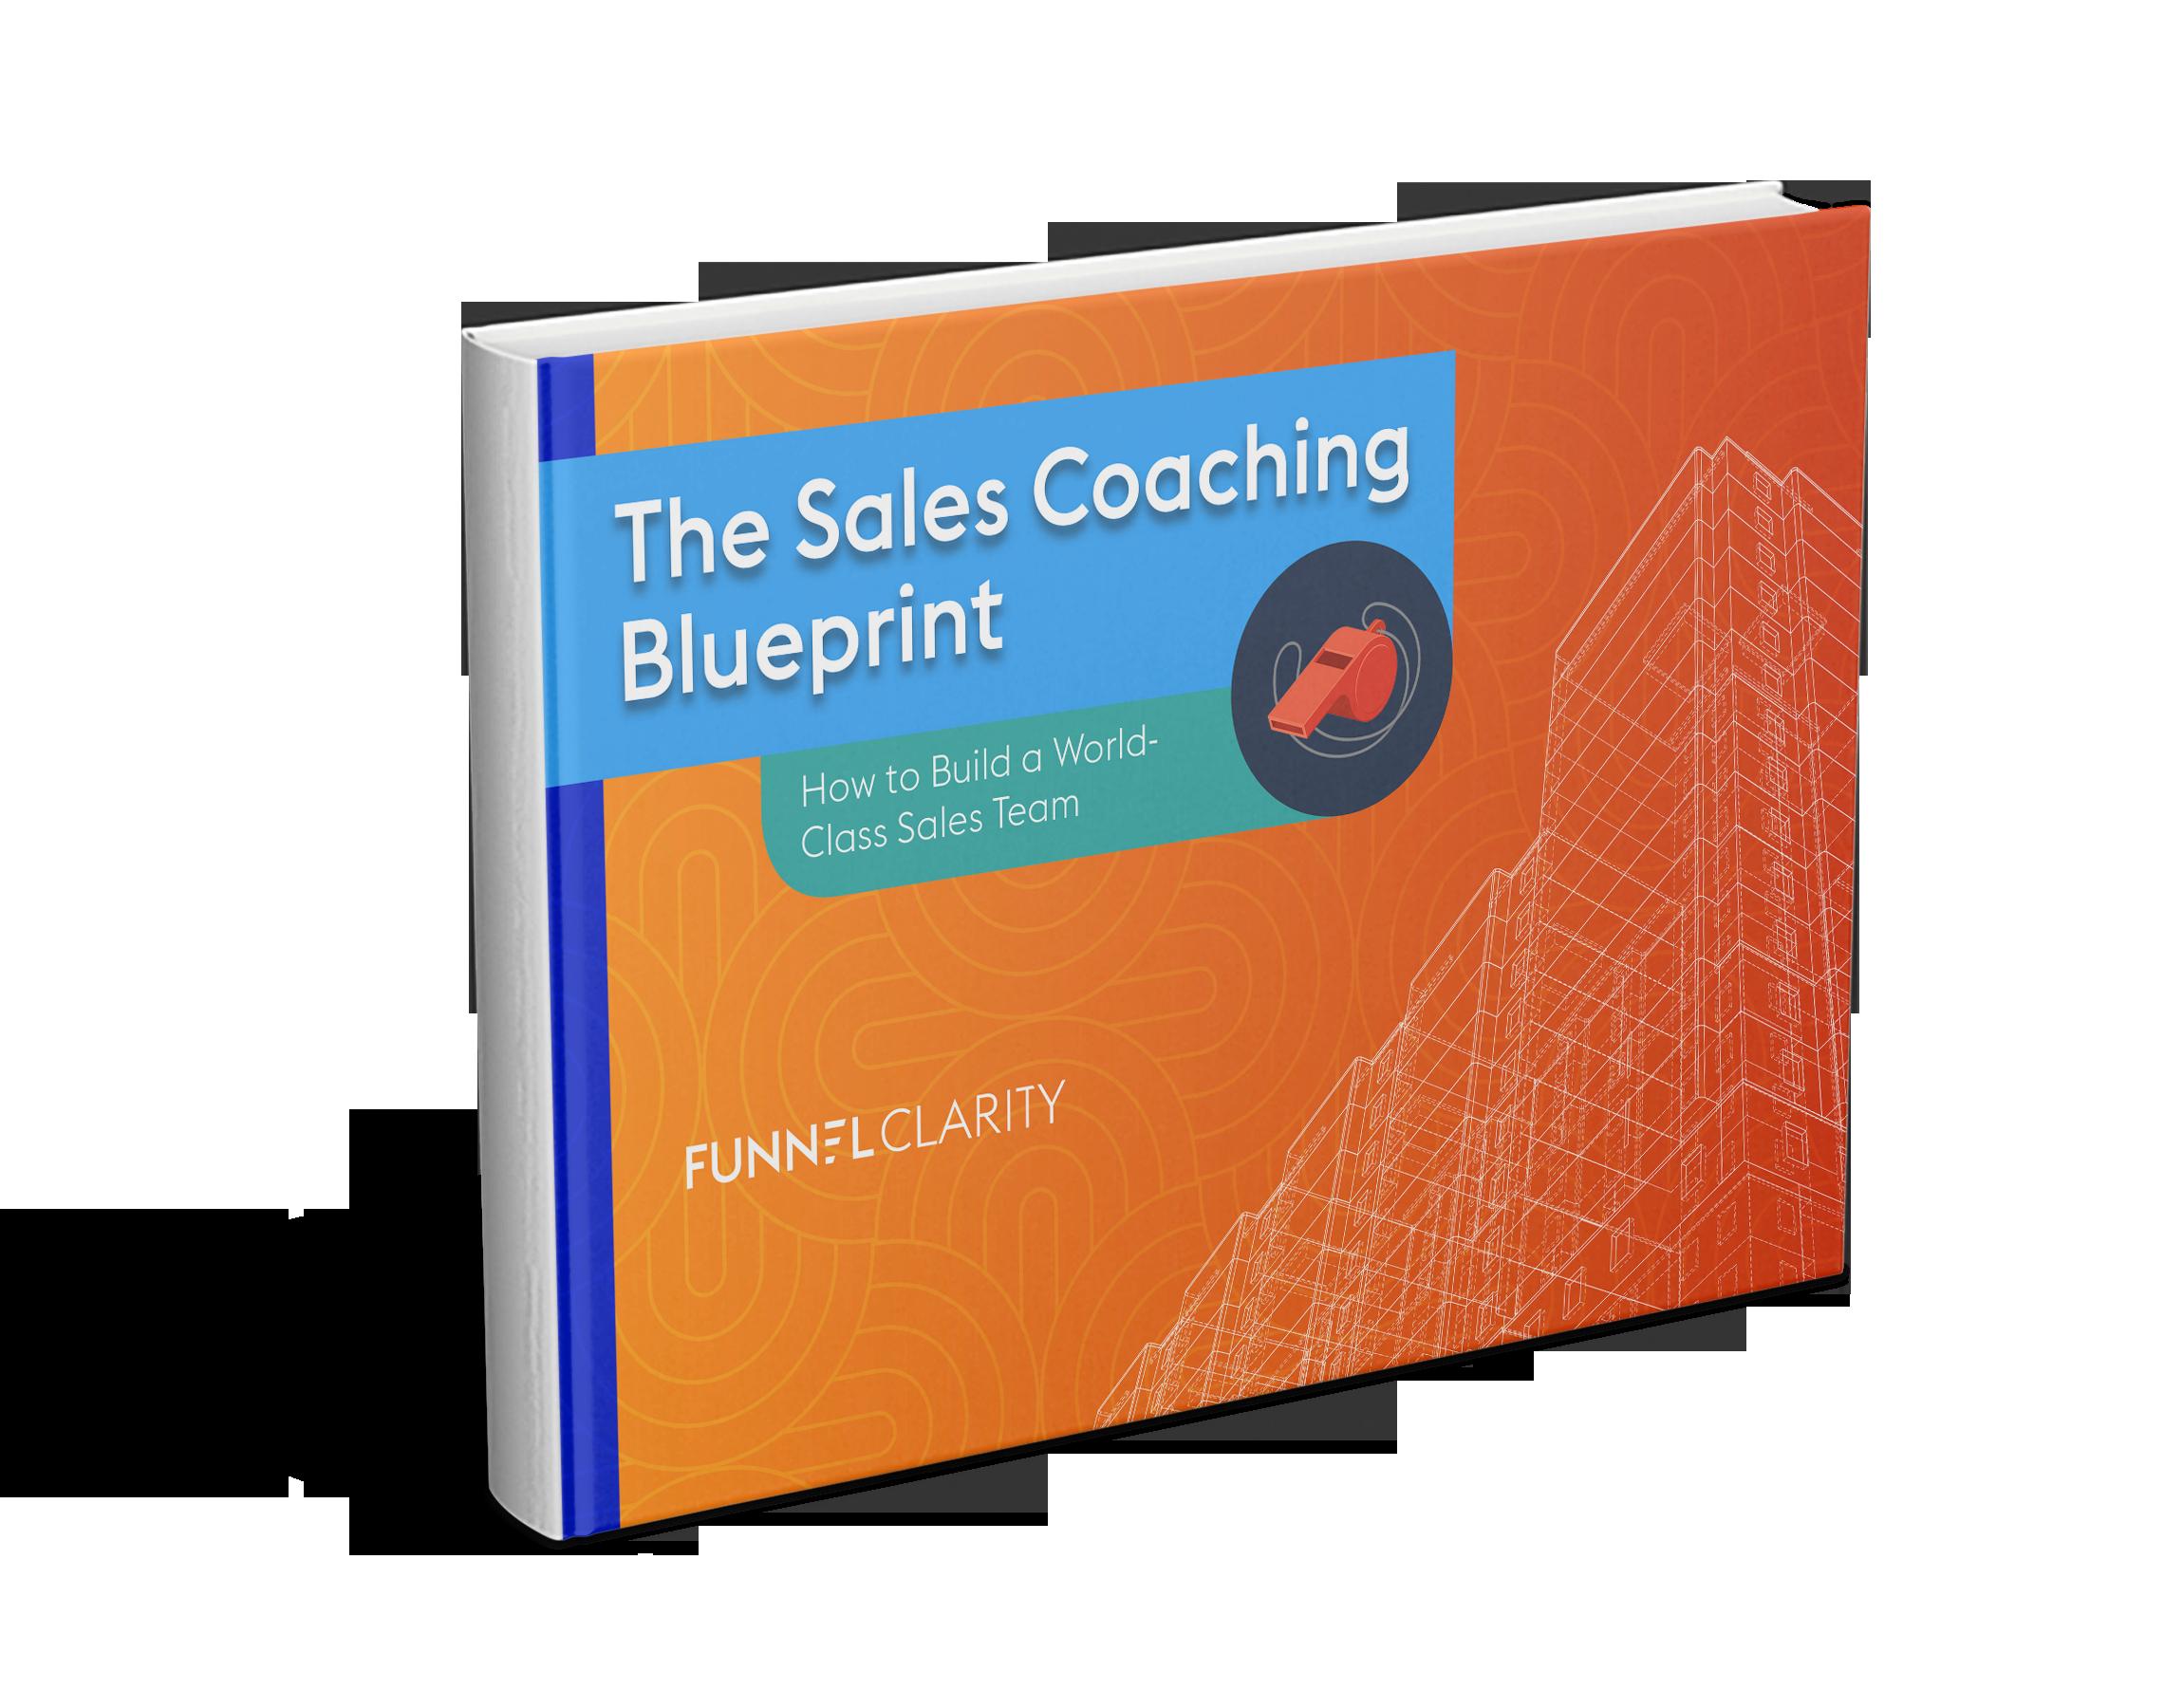 SalesCoachingBlueprint2021_mockup